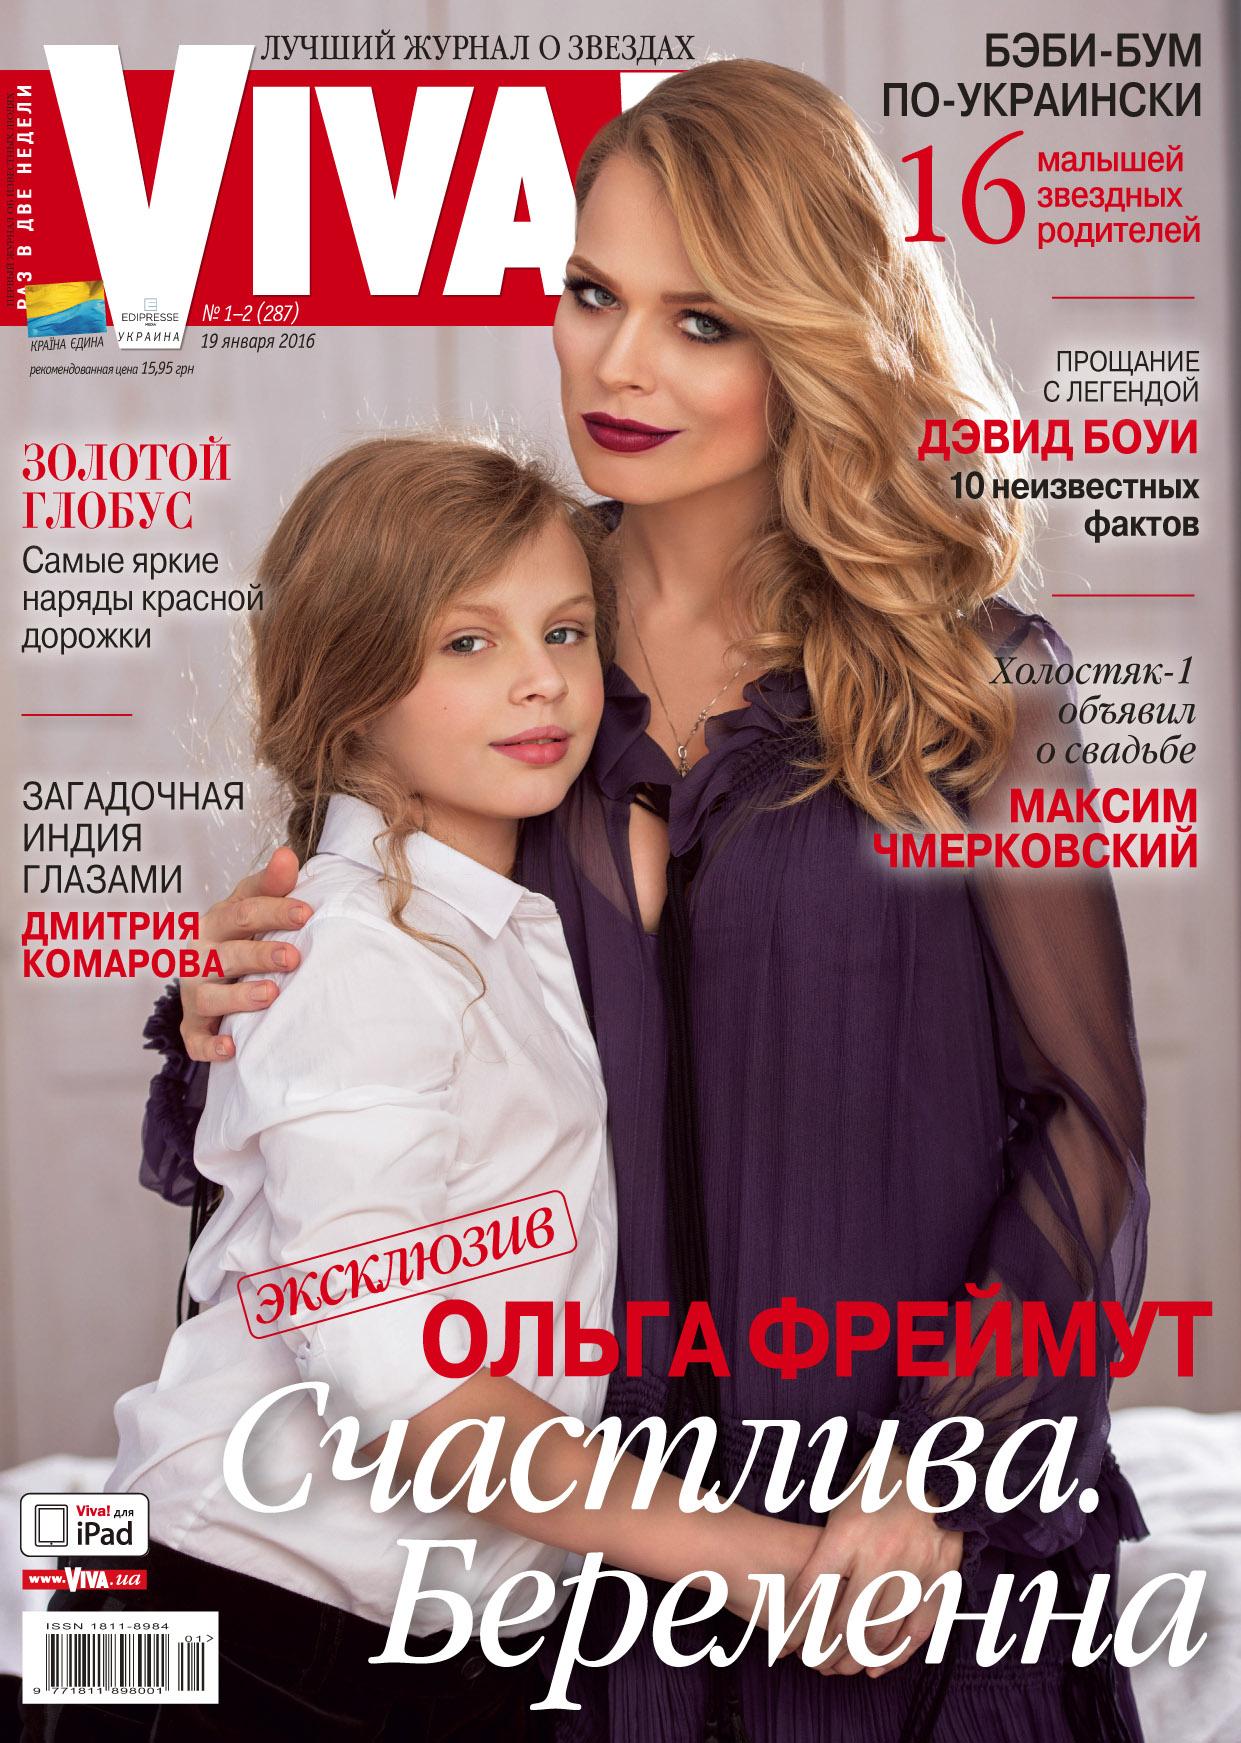 Ольга Фреймут беременна и счастлива: эксклюзив Viva!